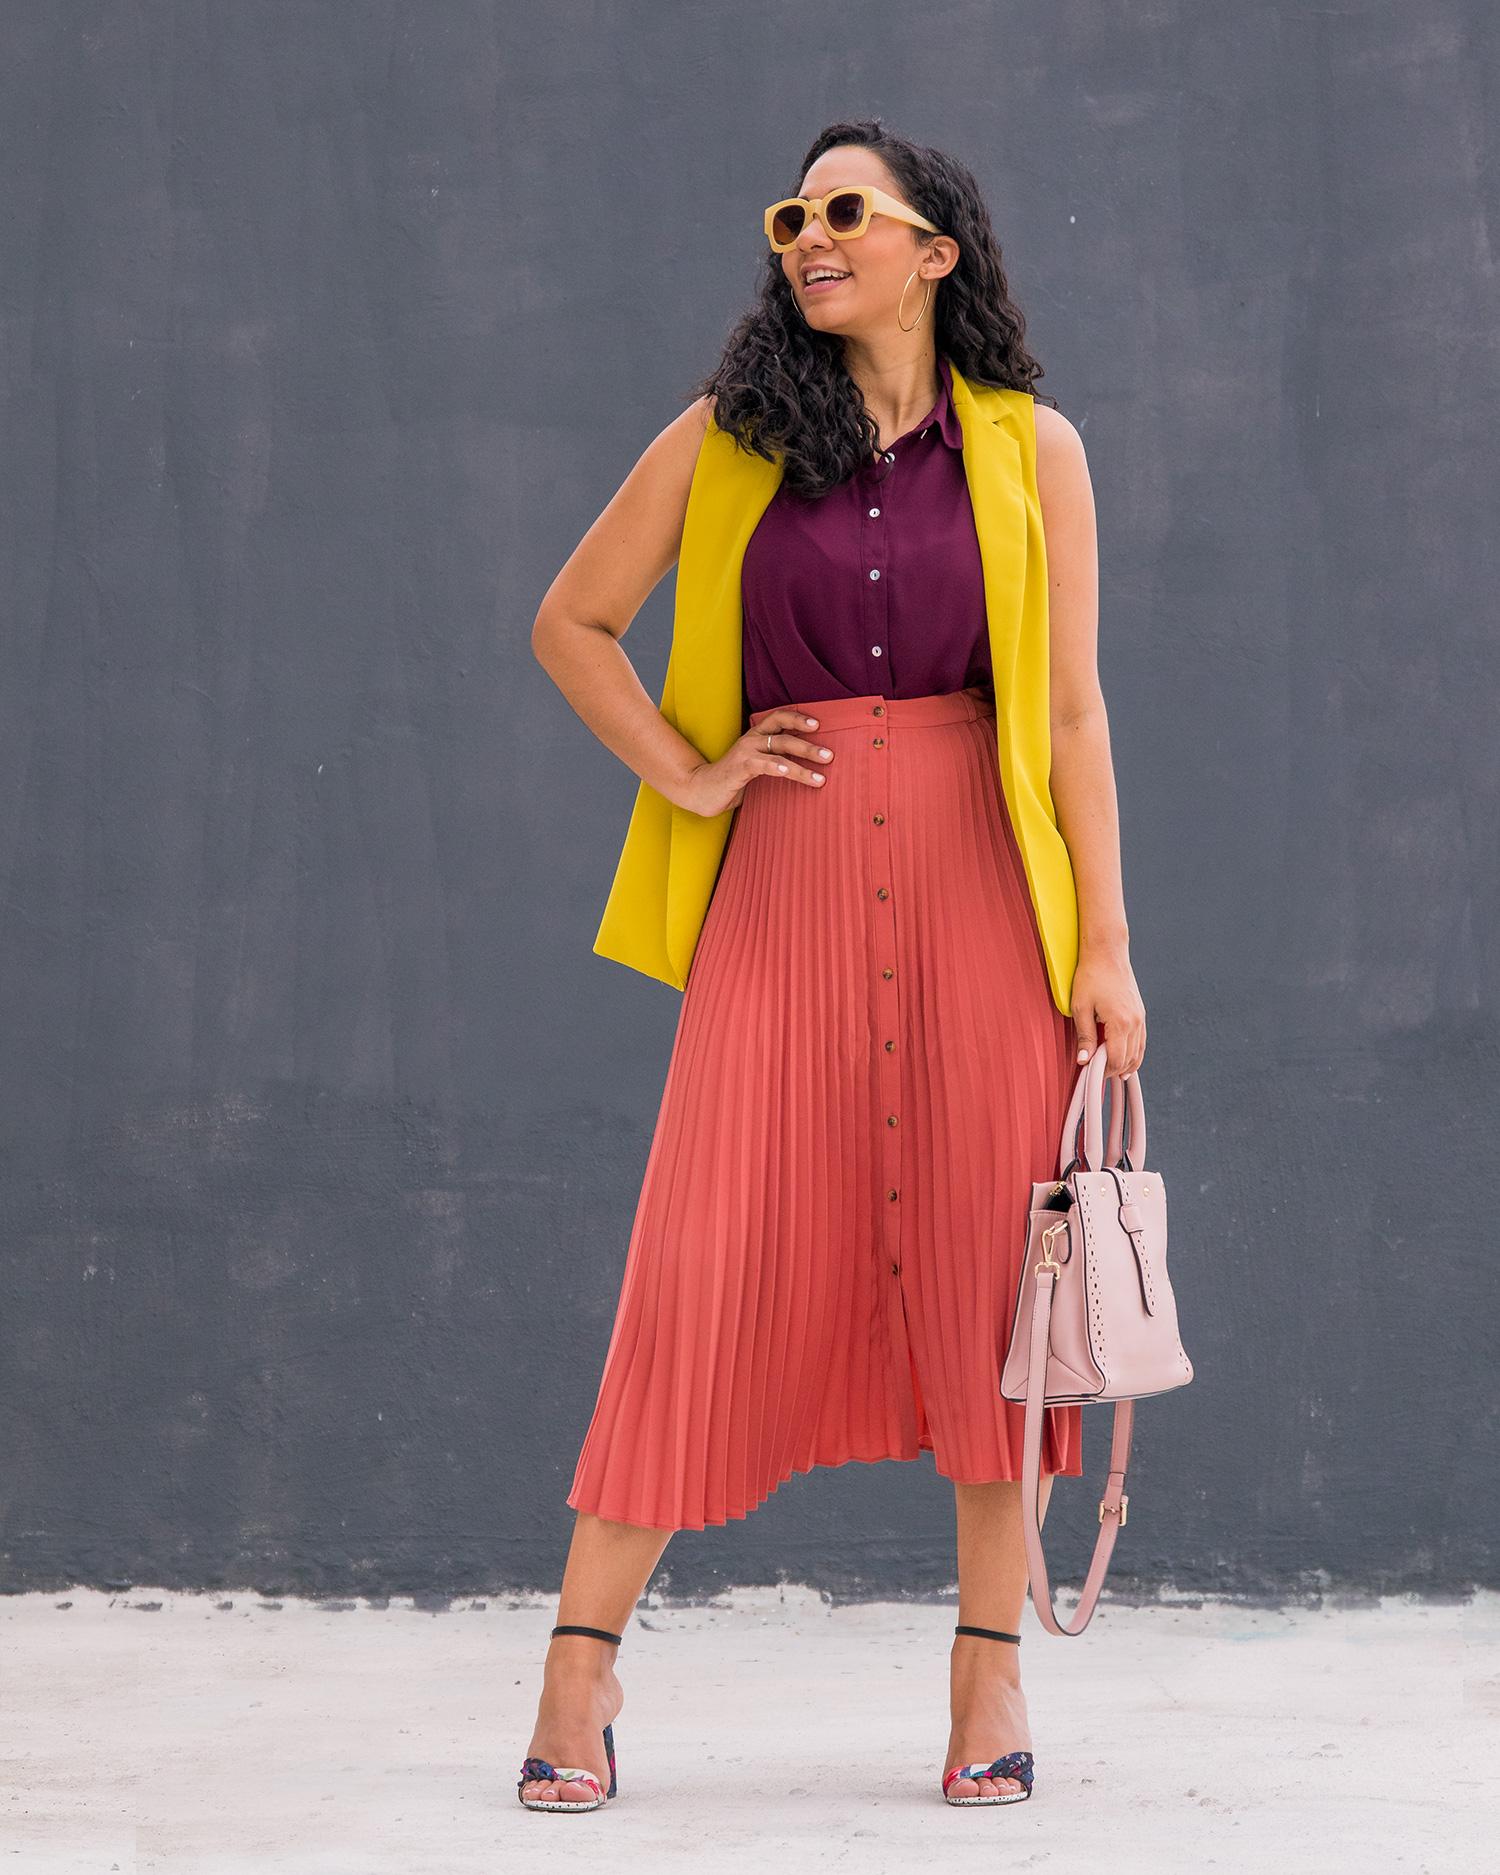 Descubre como puedes adecuar estas tendencias que están dando mucho de que hablar en la industria de la moda.